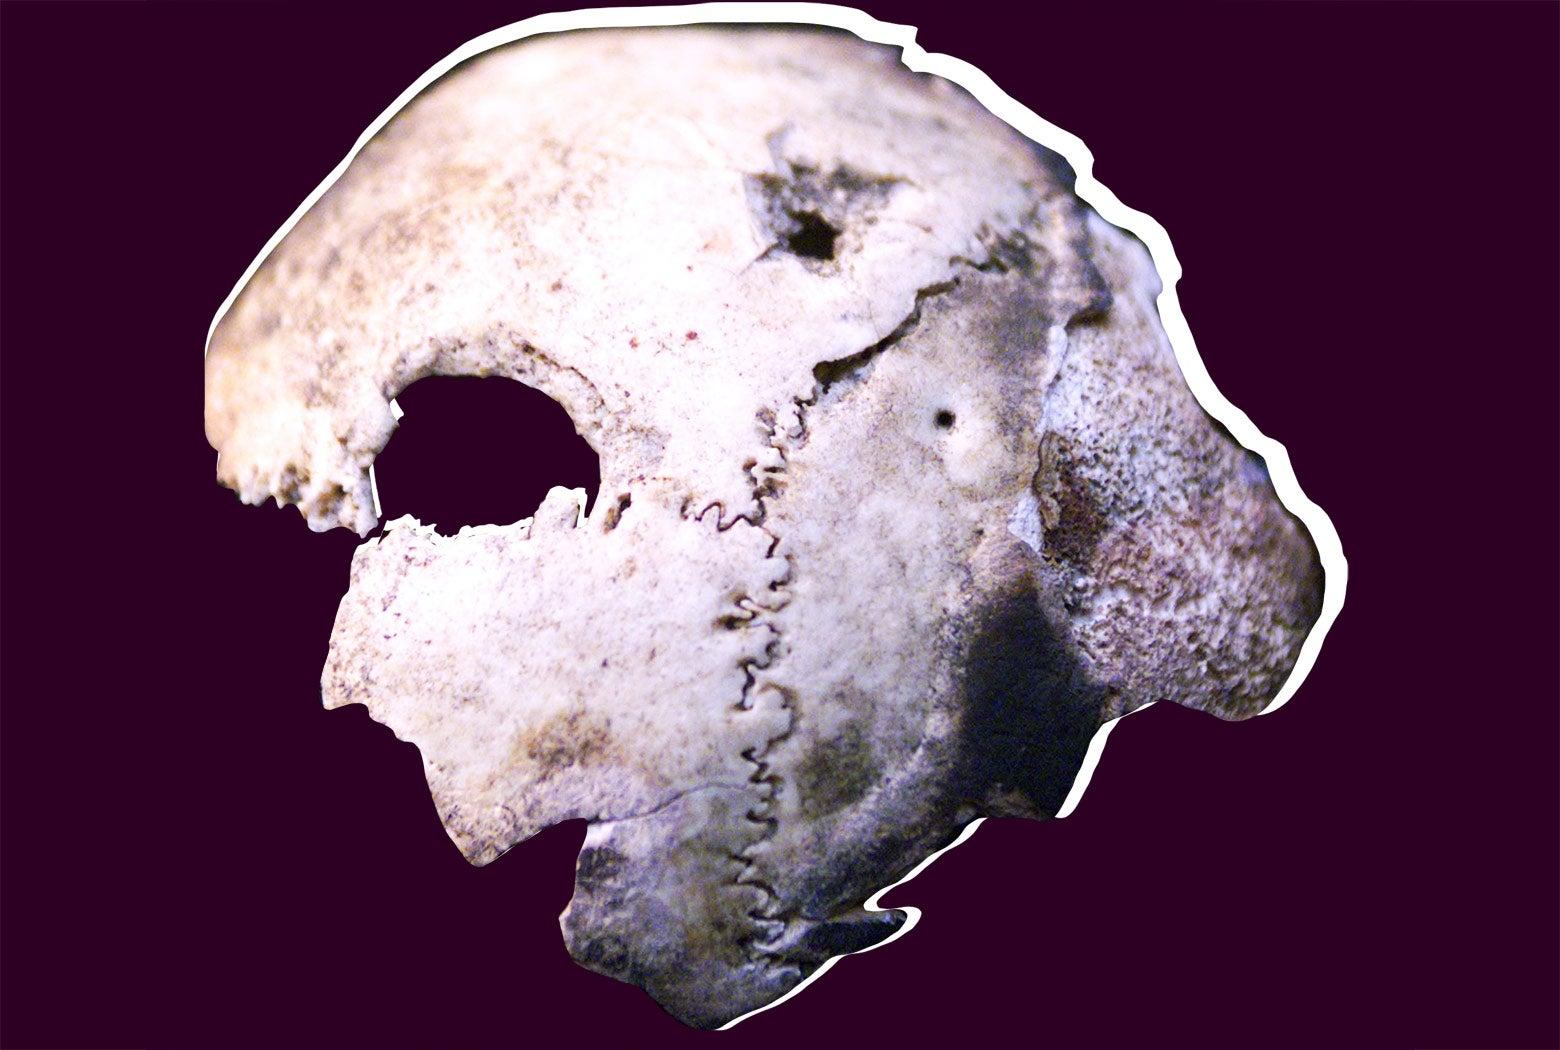 A skull fragment.